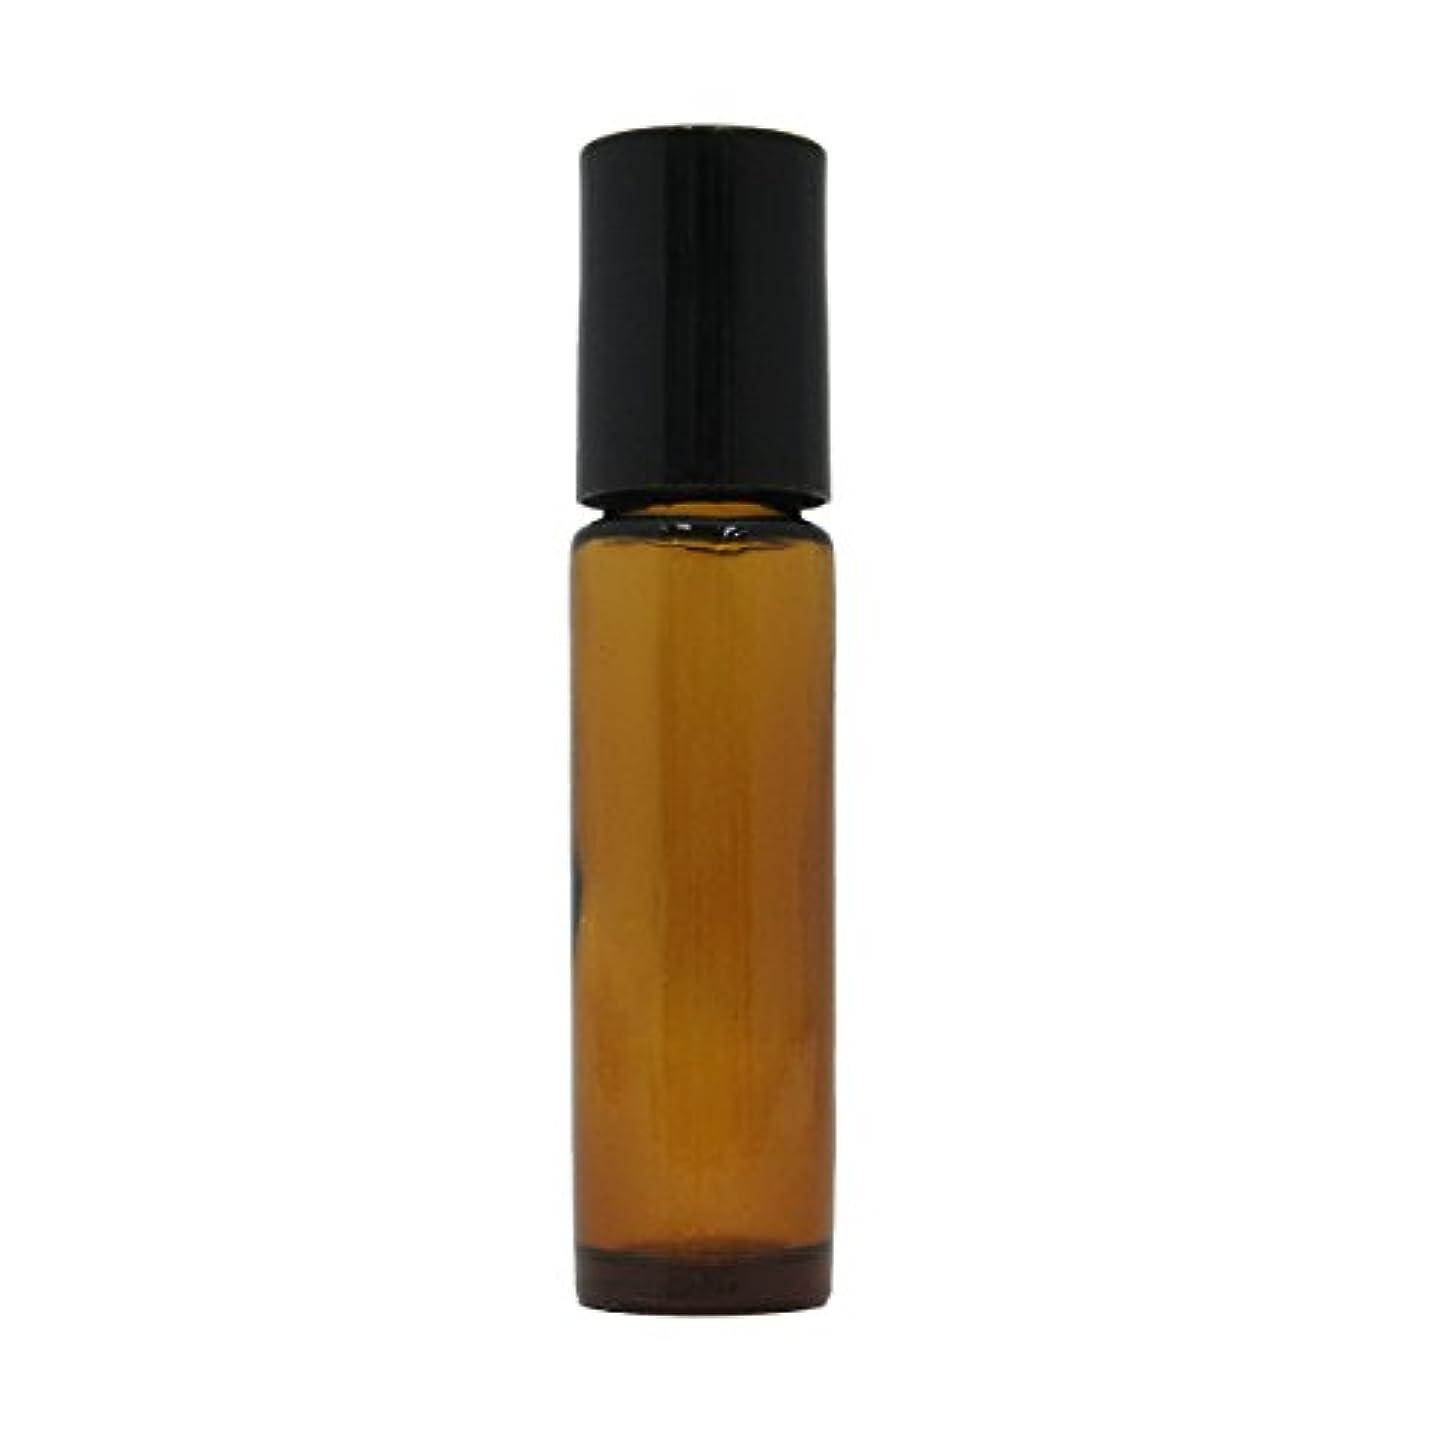 別のバイアスジョガーロールオンボトル 10ml ブラウン (遮光タイプ)